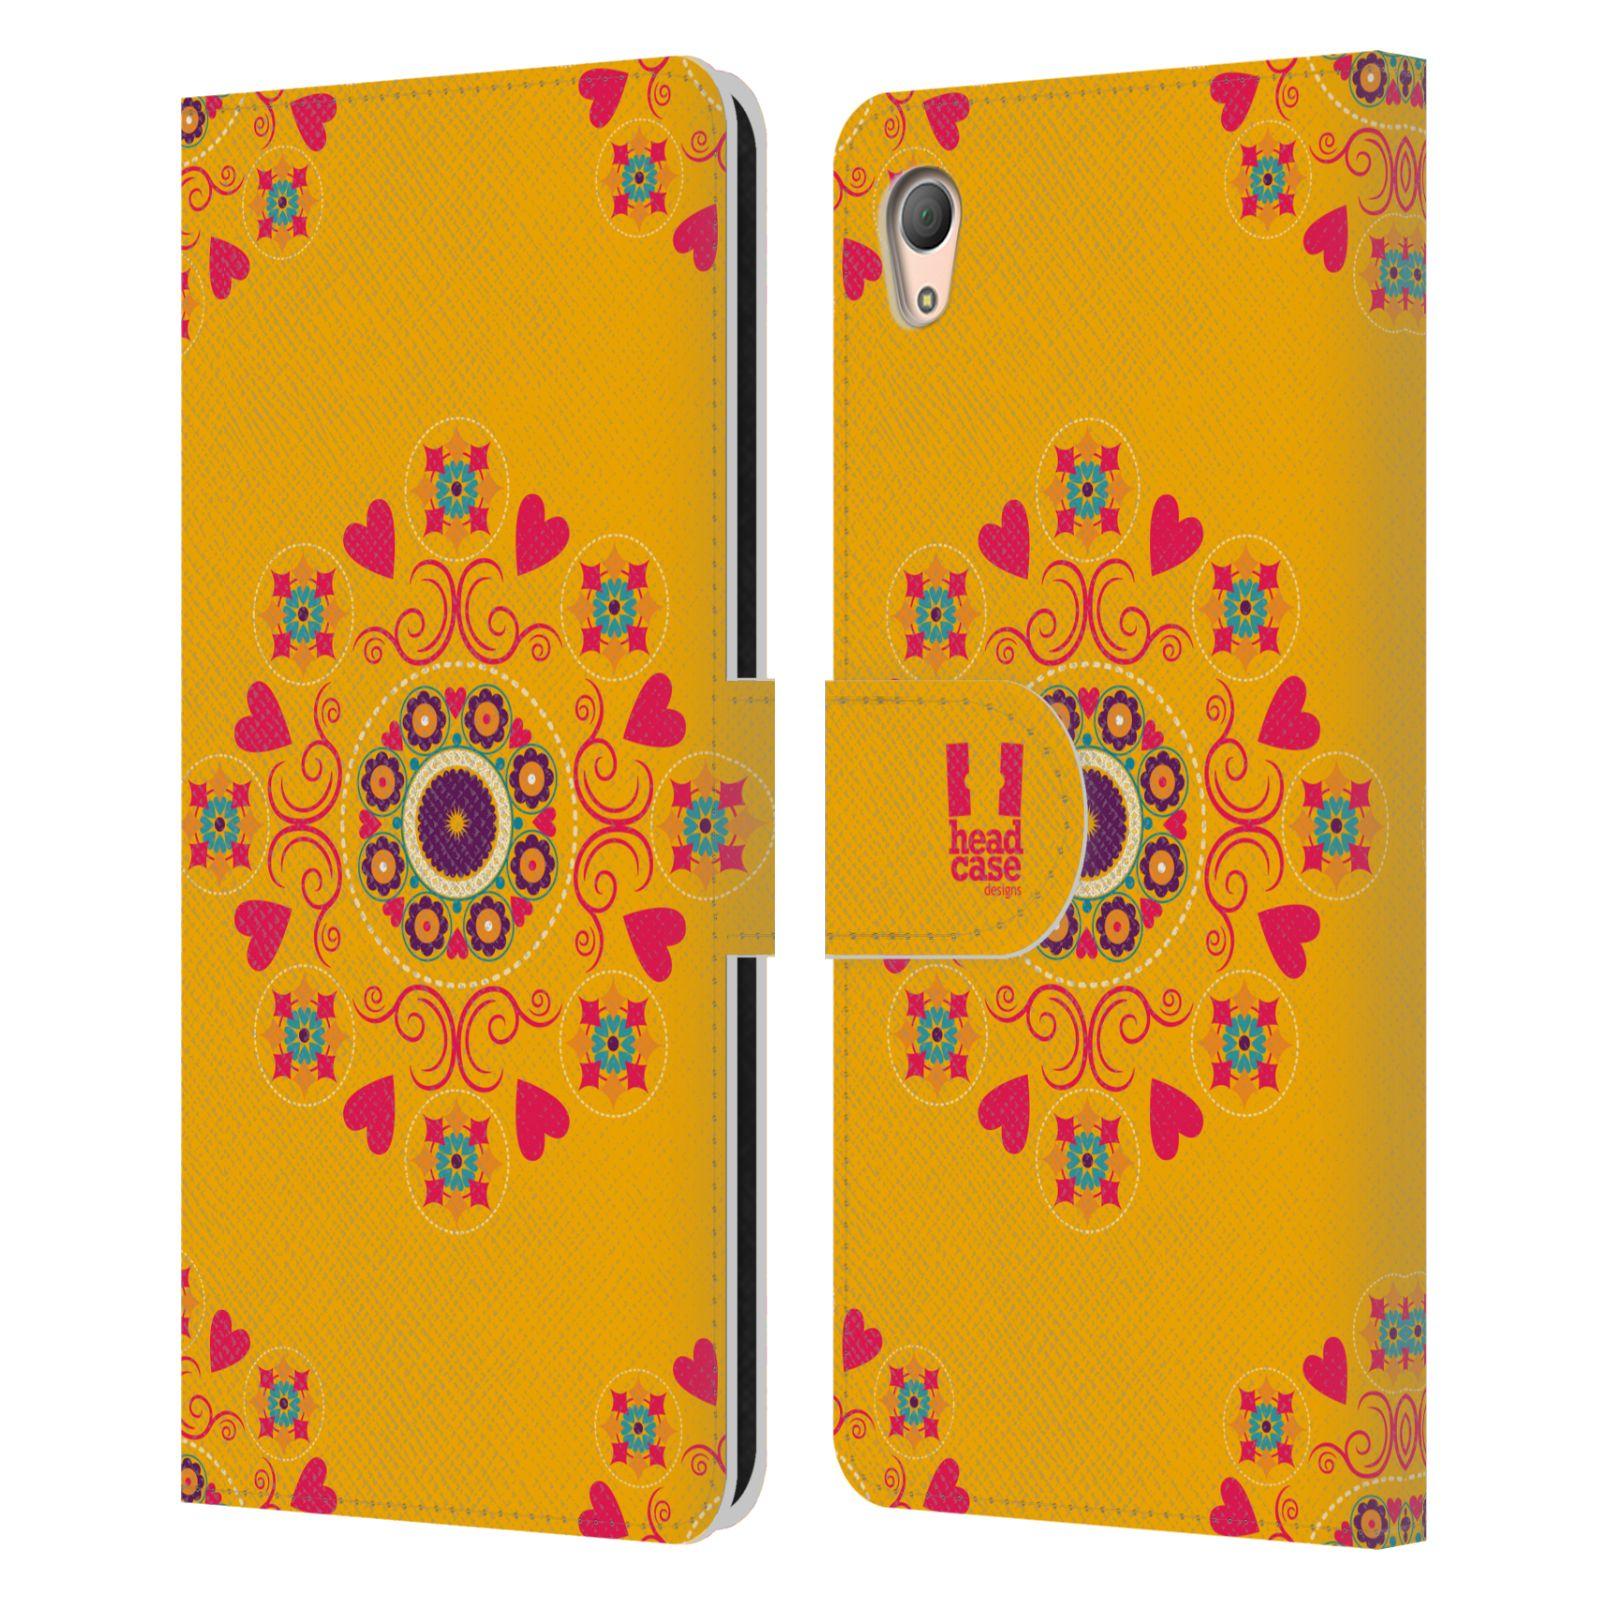 HEAD CASE Flipové pouzdro pro mobil SONY XPERIA Z3+ (PLUS) Slovanský vzor květiny a srdíčka žlutá